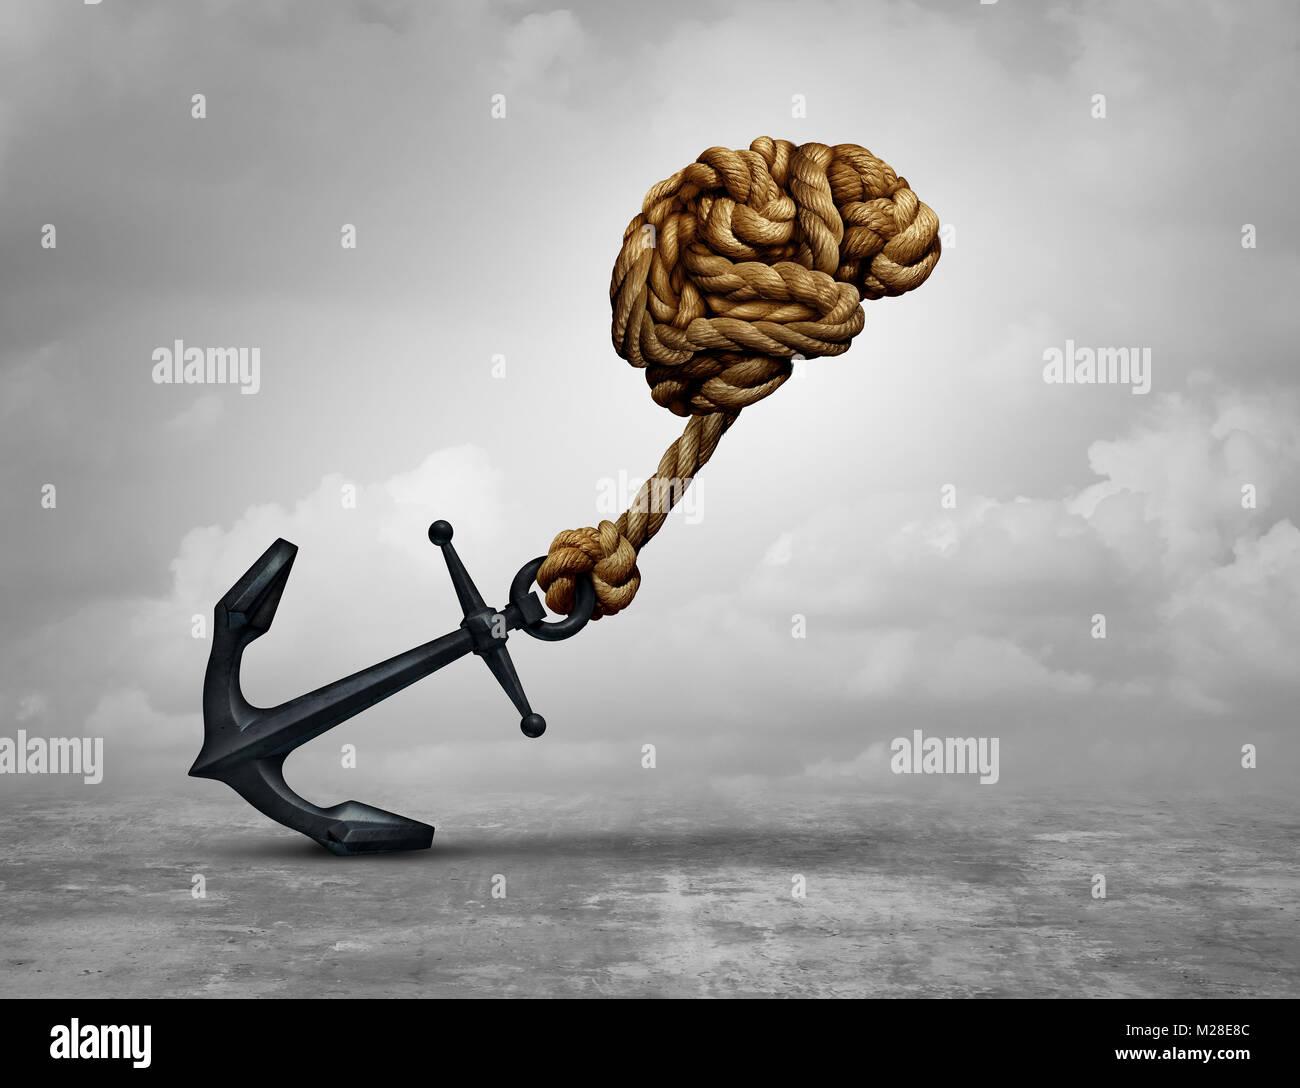 La décision puissant et de pouvoir penser comme un cerveau humain fait de cordes tirant une ancre avec 3D illustration. Photo Stock